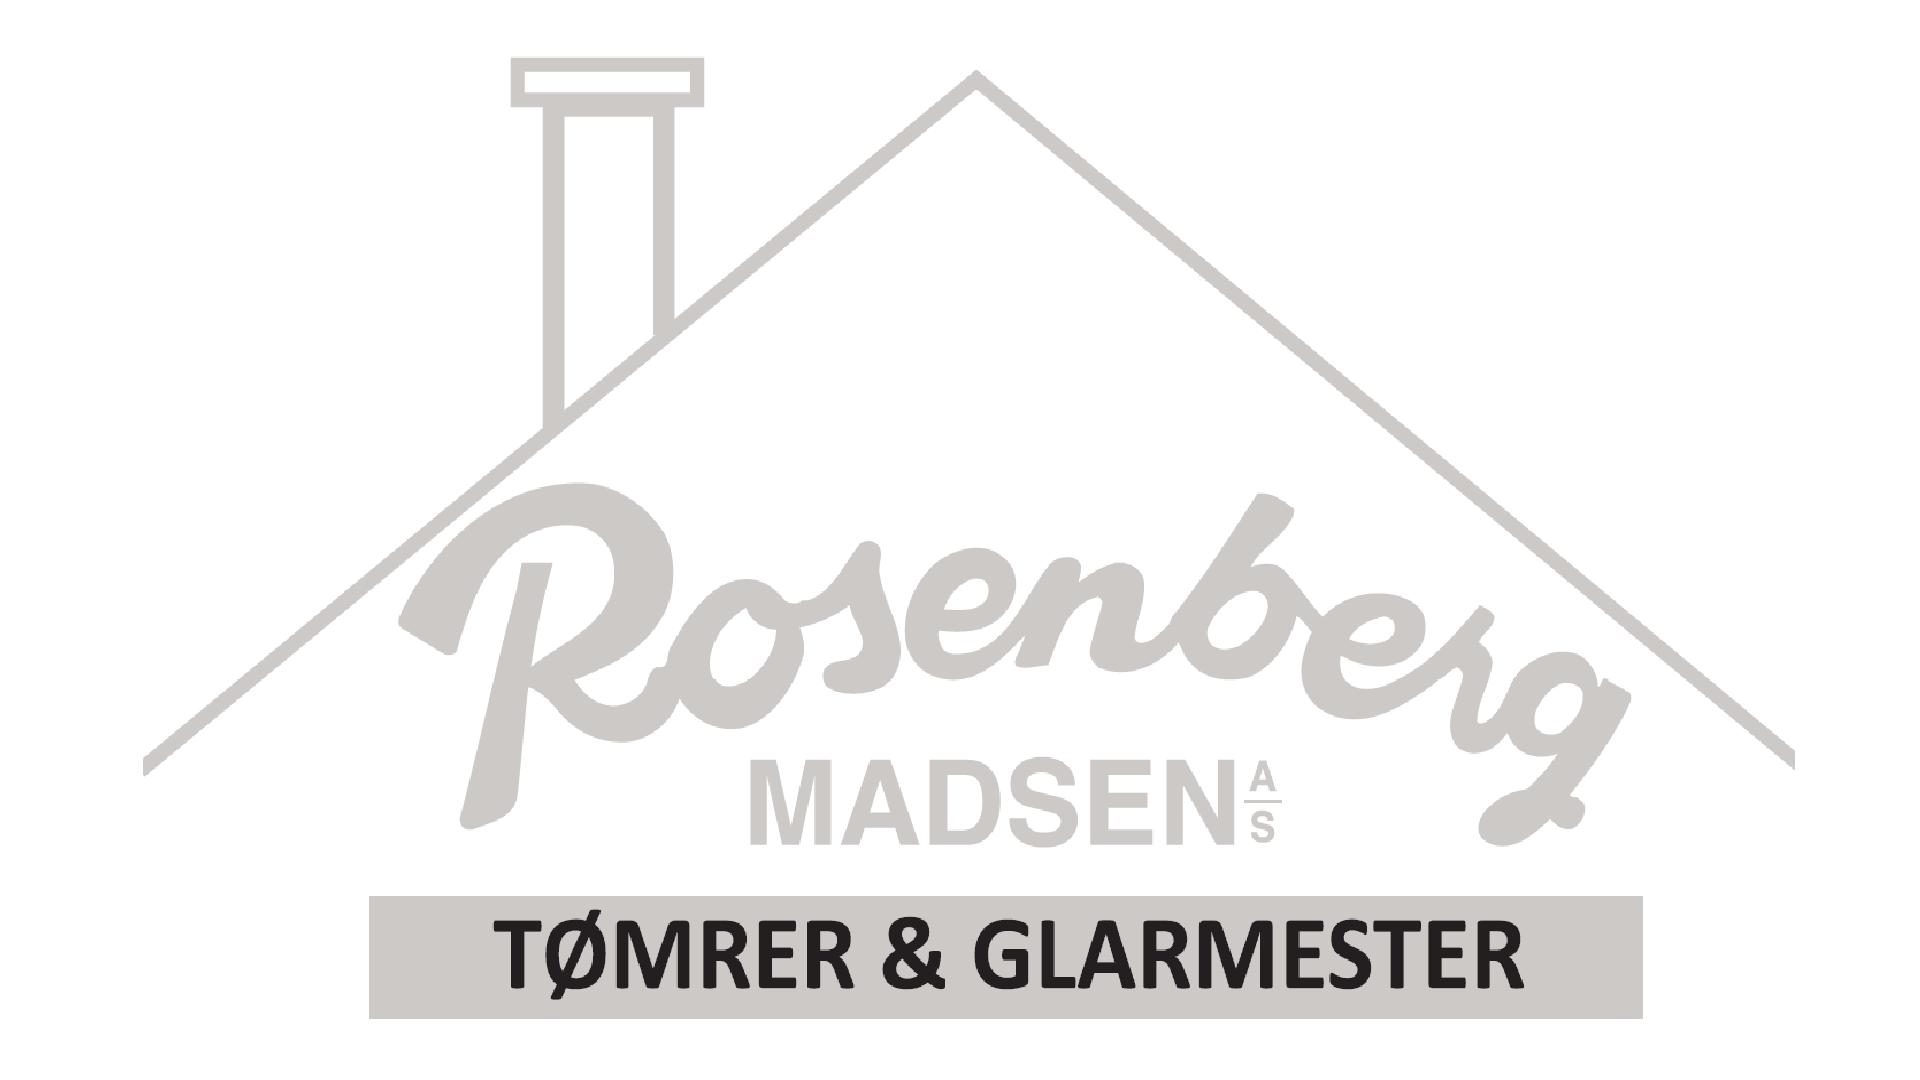 Rosenberg Madsen